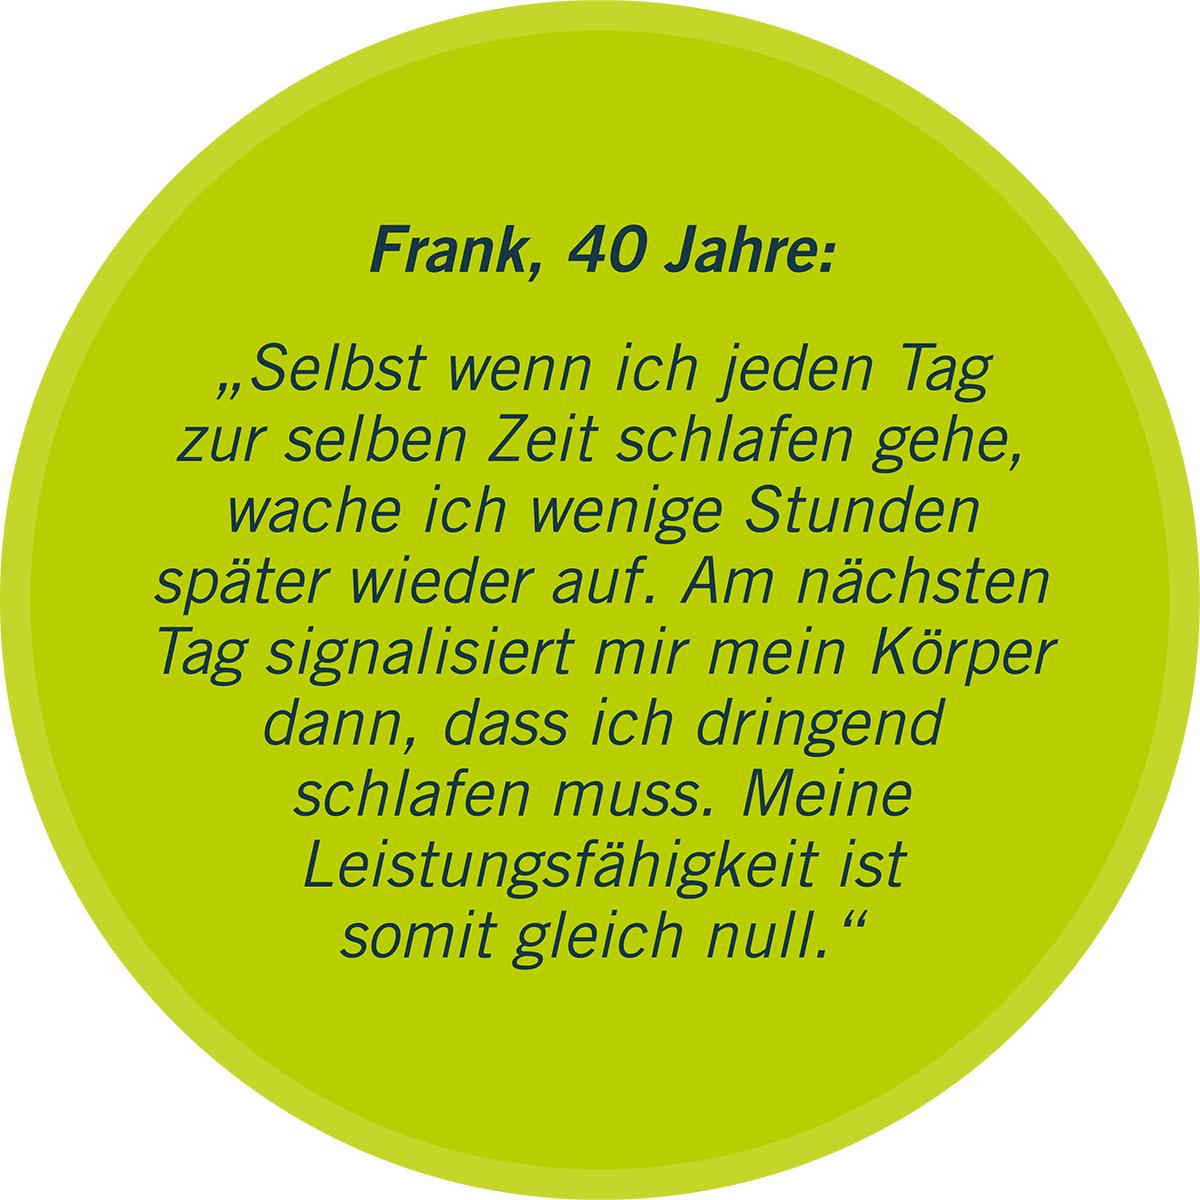 """Frank, 40 Jahre: """"Selbst wenn ich jeden Tag zur selben Zeit schlafen gehe, wache ich wenige Stunden  später wieder auf. Amnächsten Tag signalisiert mir mein Körper dann, dass ich dringend schlafen muss. Meine  Leistungsfähigkeit ist  somit gleich null."""""""